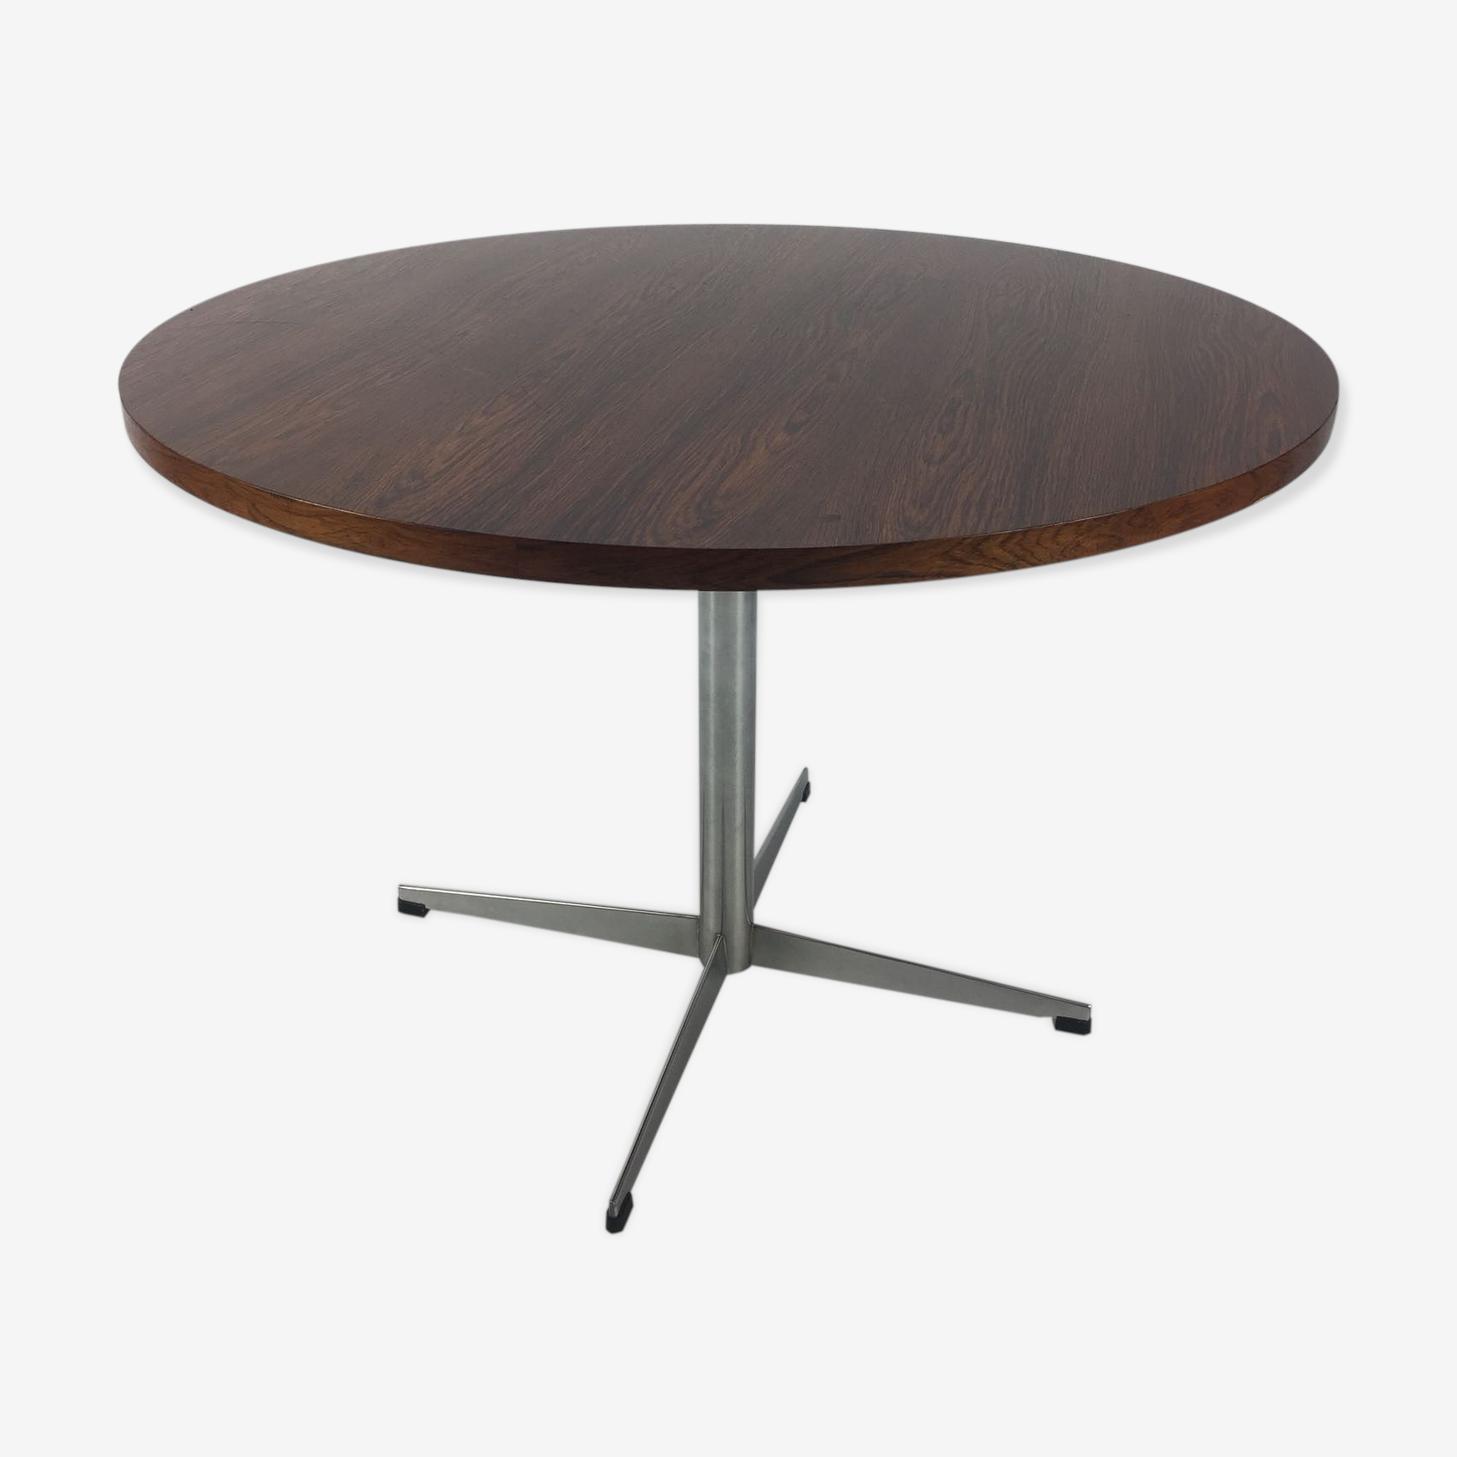 Walnut veneer table, 1960